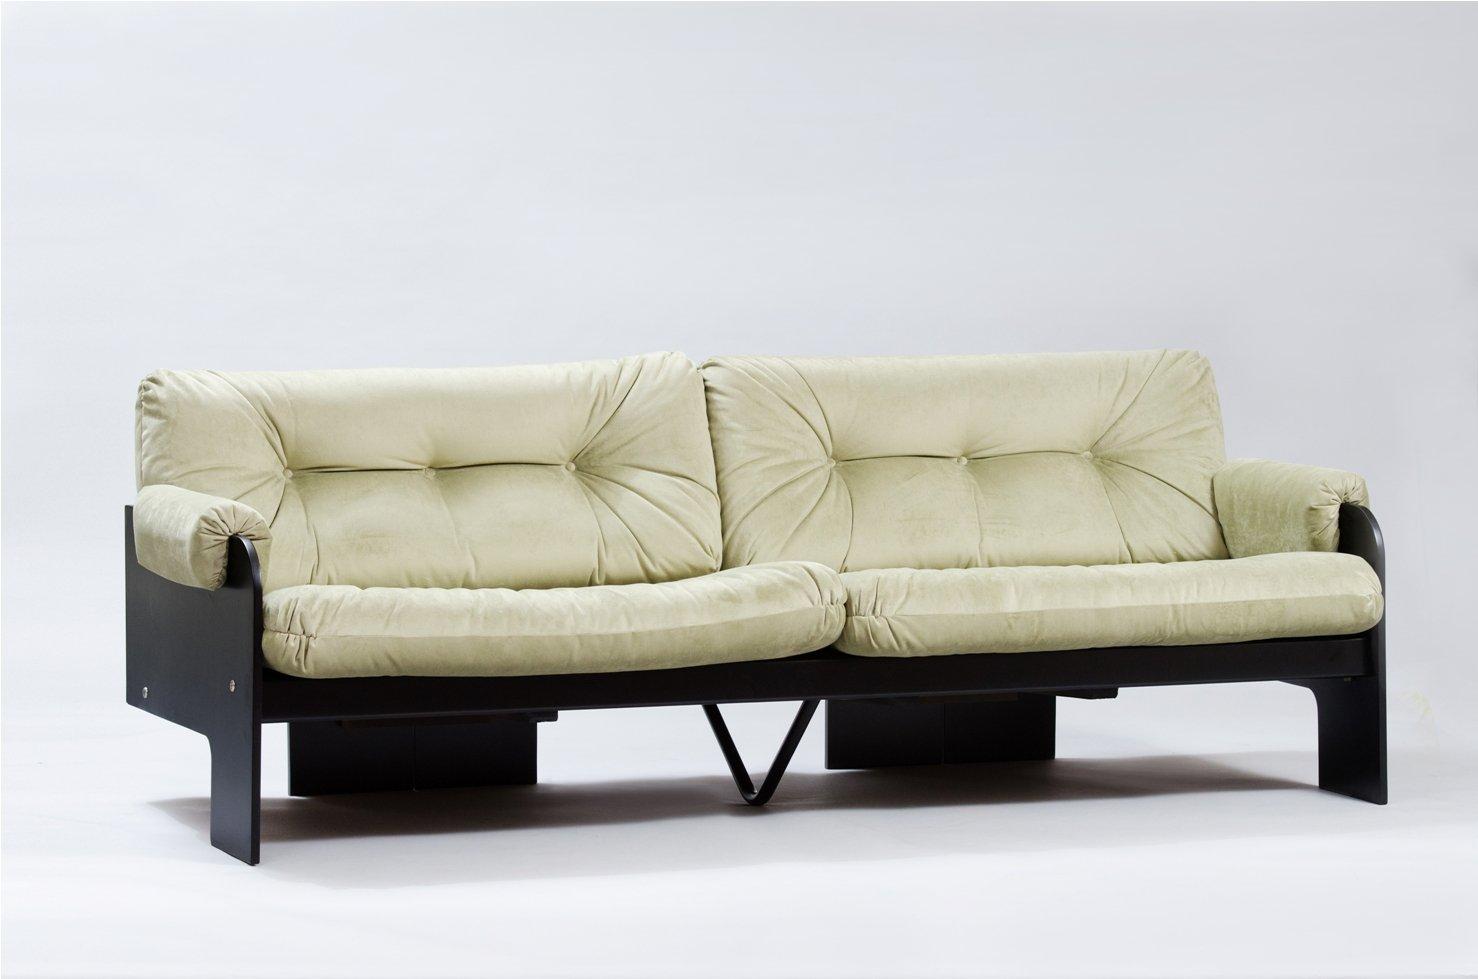 italienisches modernes dreisitzer sofa mit gr nem samtbezug bei pamono kaufen. Black Bedroom Furniture Sets. Home Design Ideas